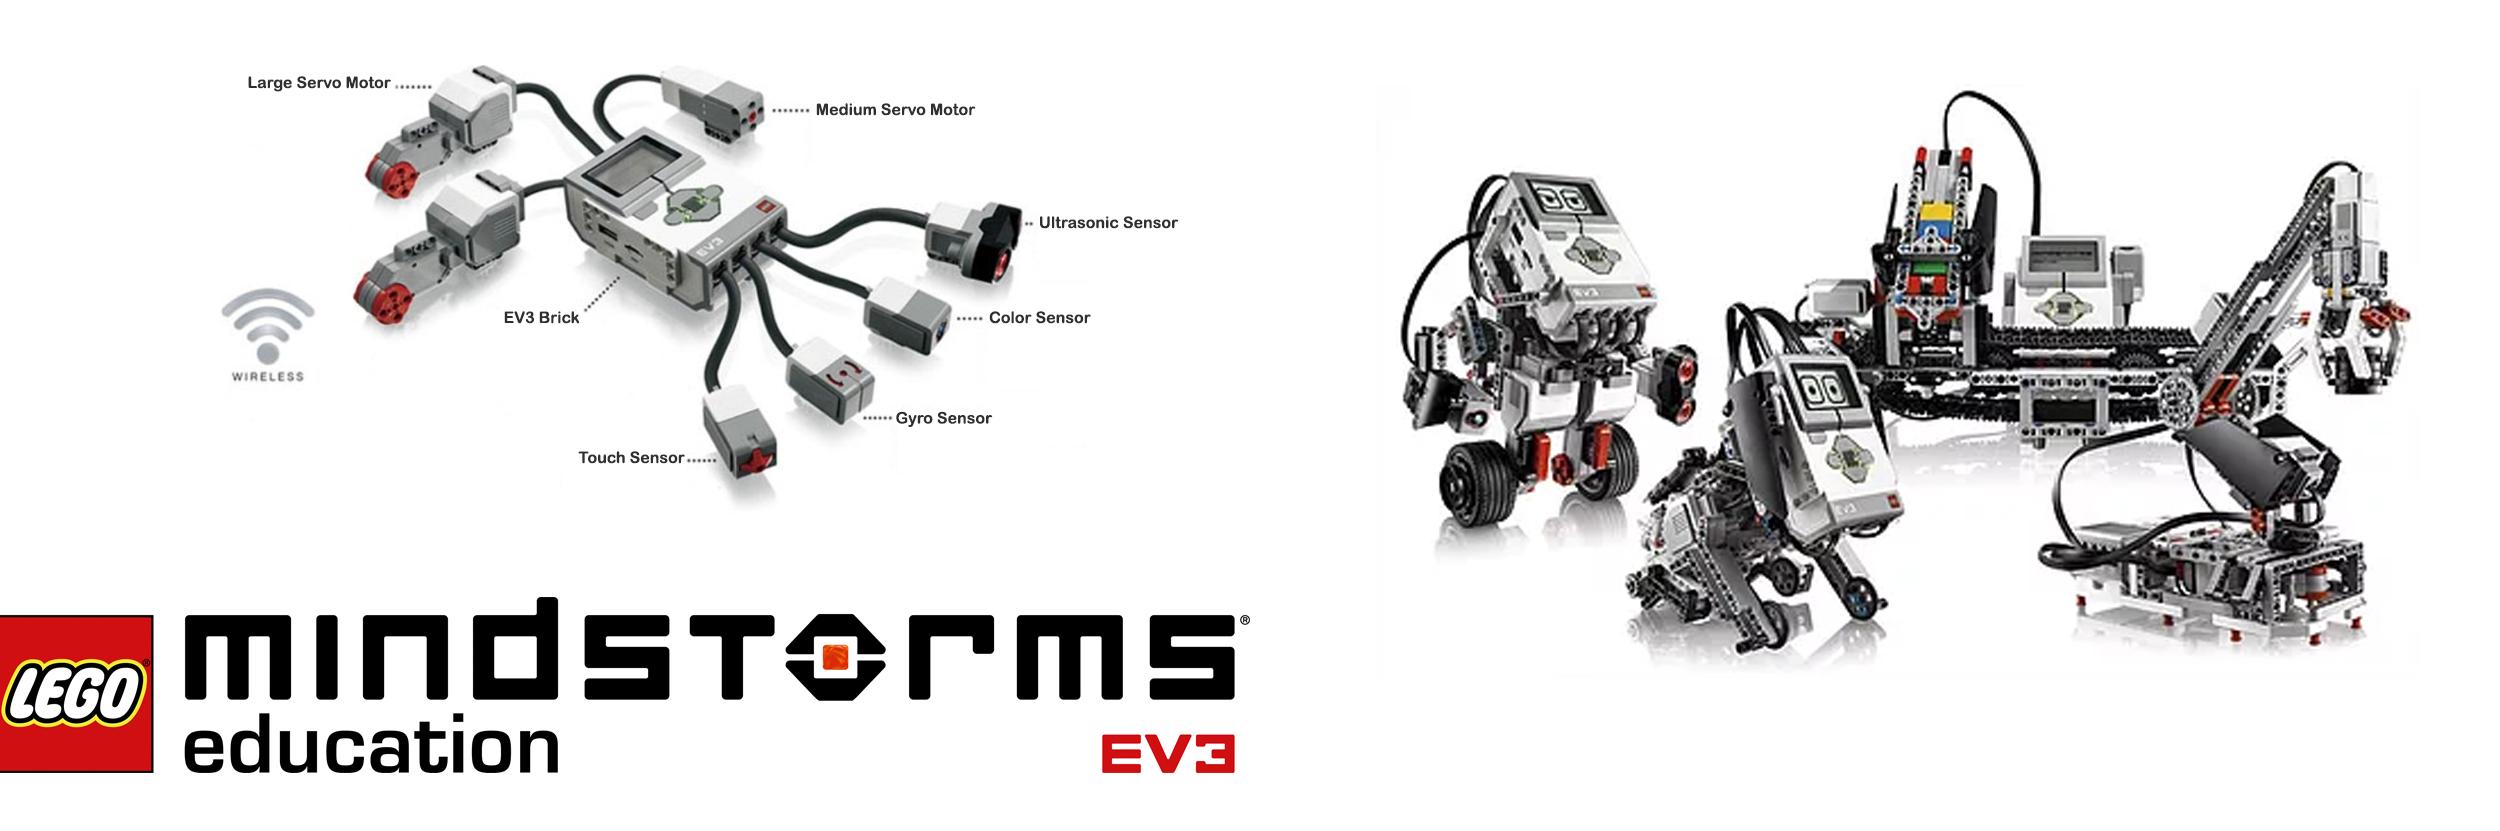 EV3-main-image.jpg